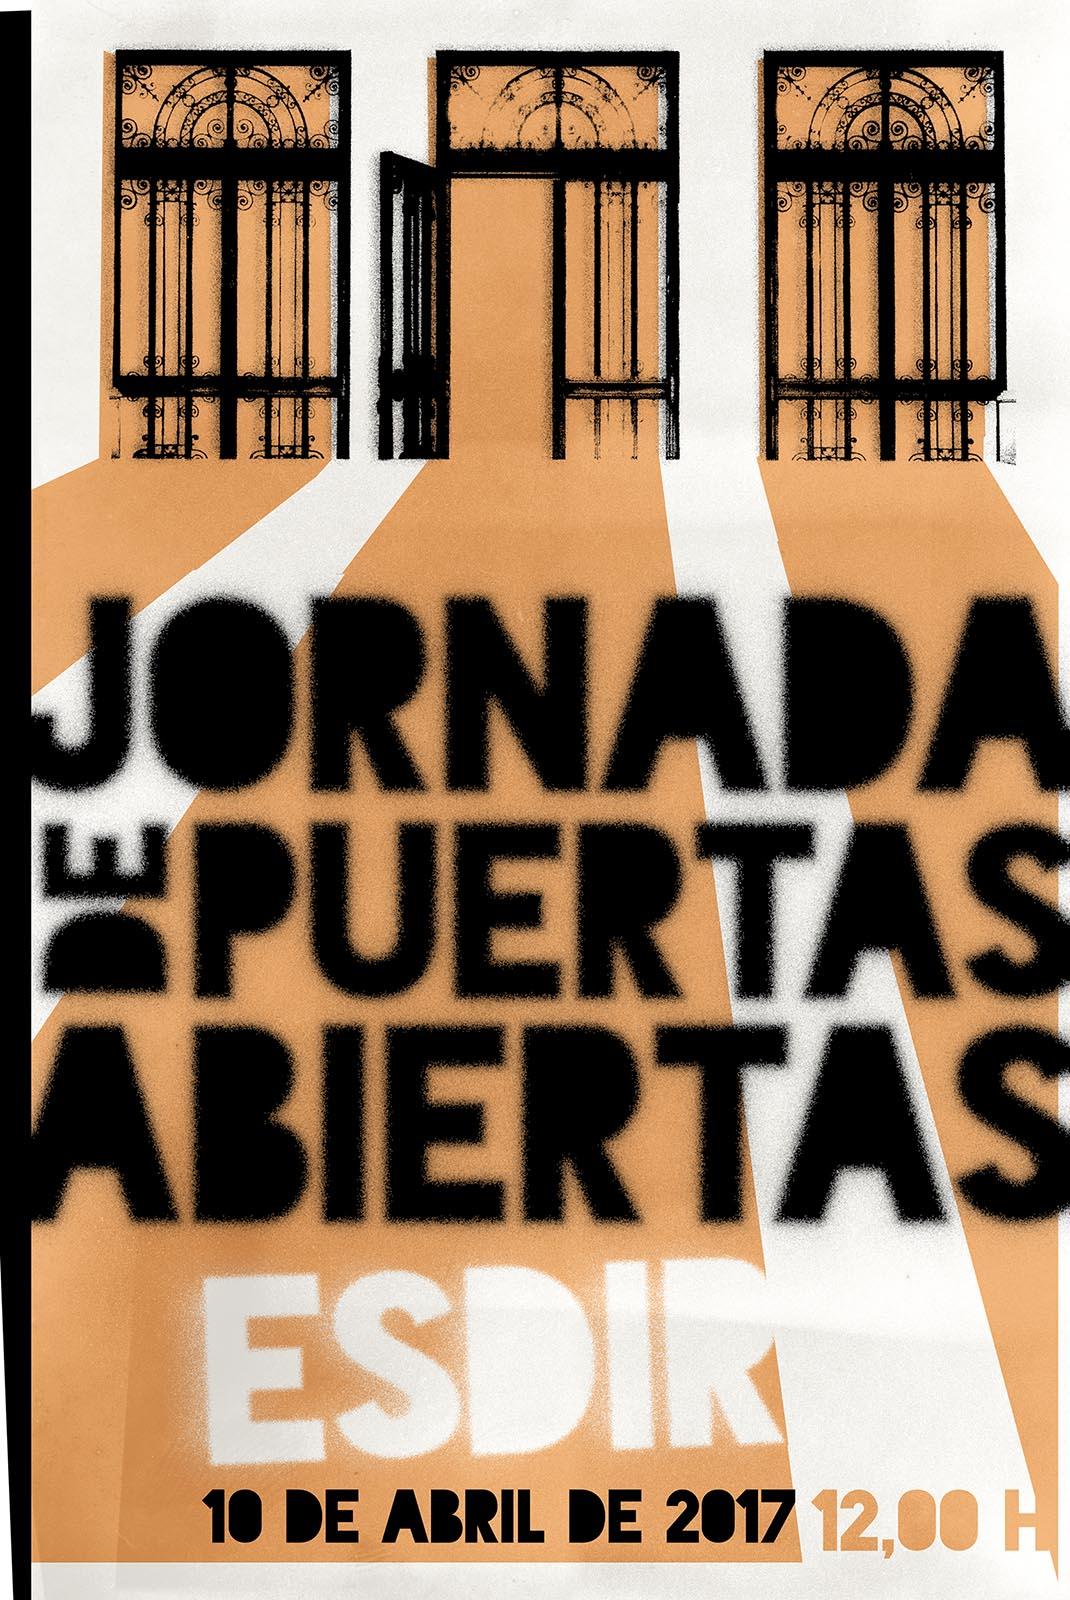 ESDIR, Centro Oficial de Enseñanza Artística, Jornadas de puertas abiertas, La Rioja, abril, 2017